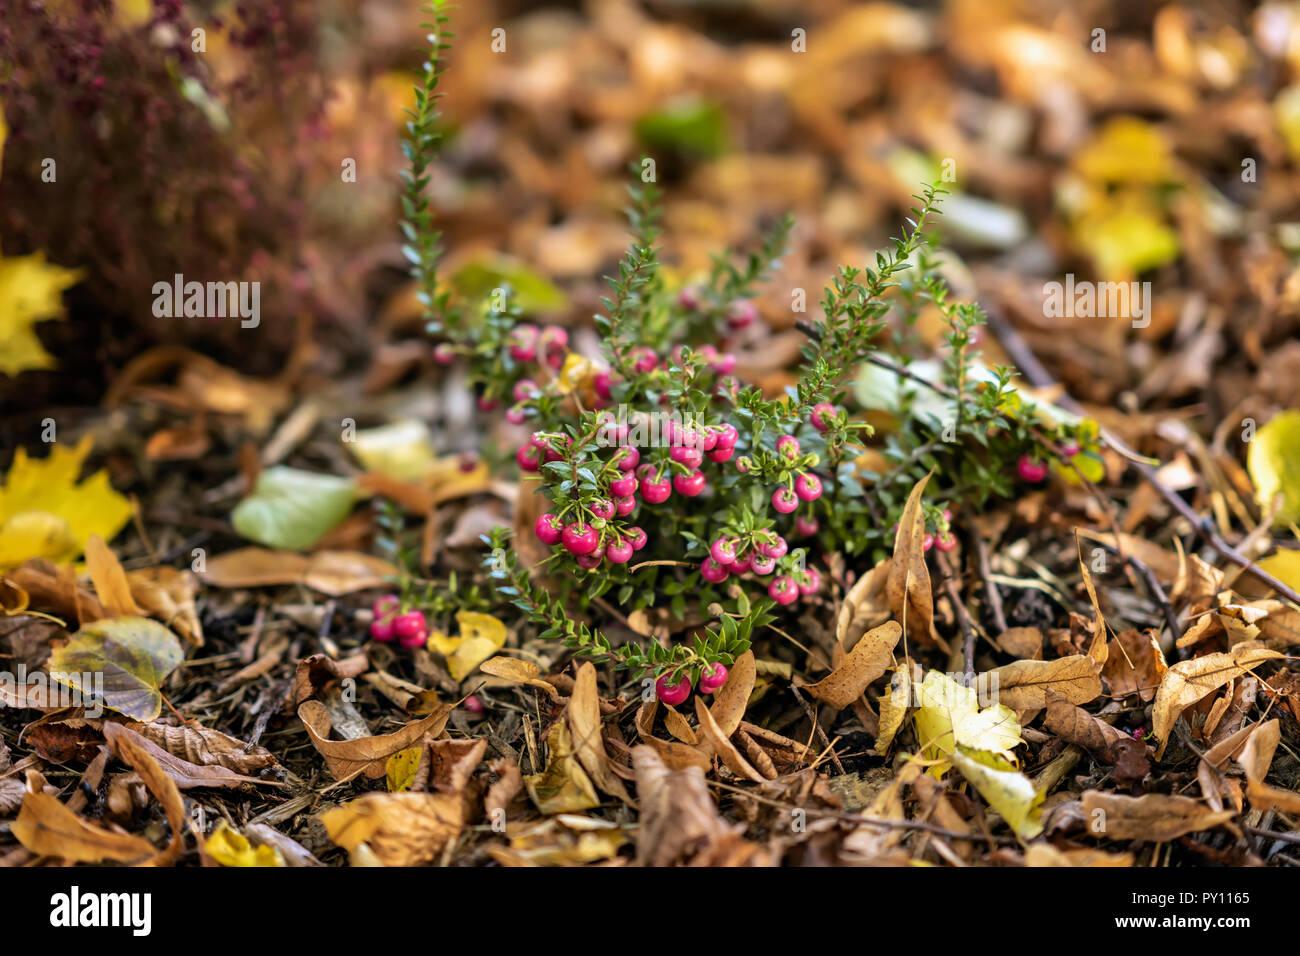 Helle kurze immergrüner Strauch von Cowberry, Vaccinium unter den gefallenen Herbst Ahorn Laub. Immergrüne Pflanze. Natürliche malerische Herbst Hintergrund Stockbild